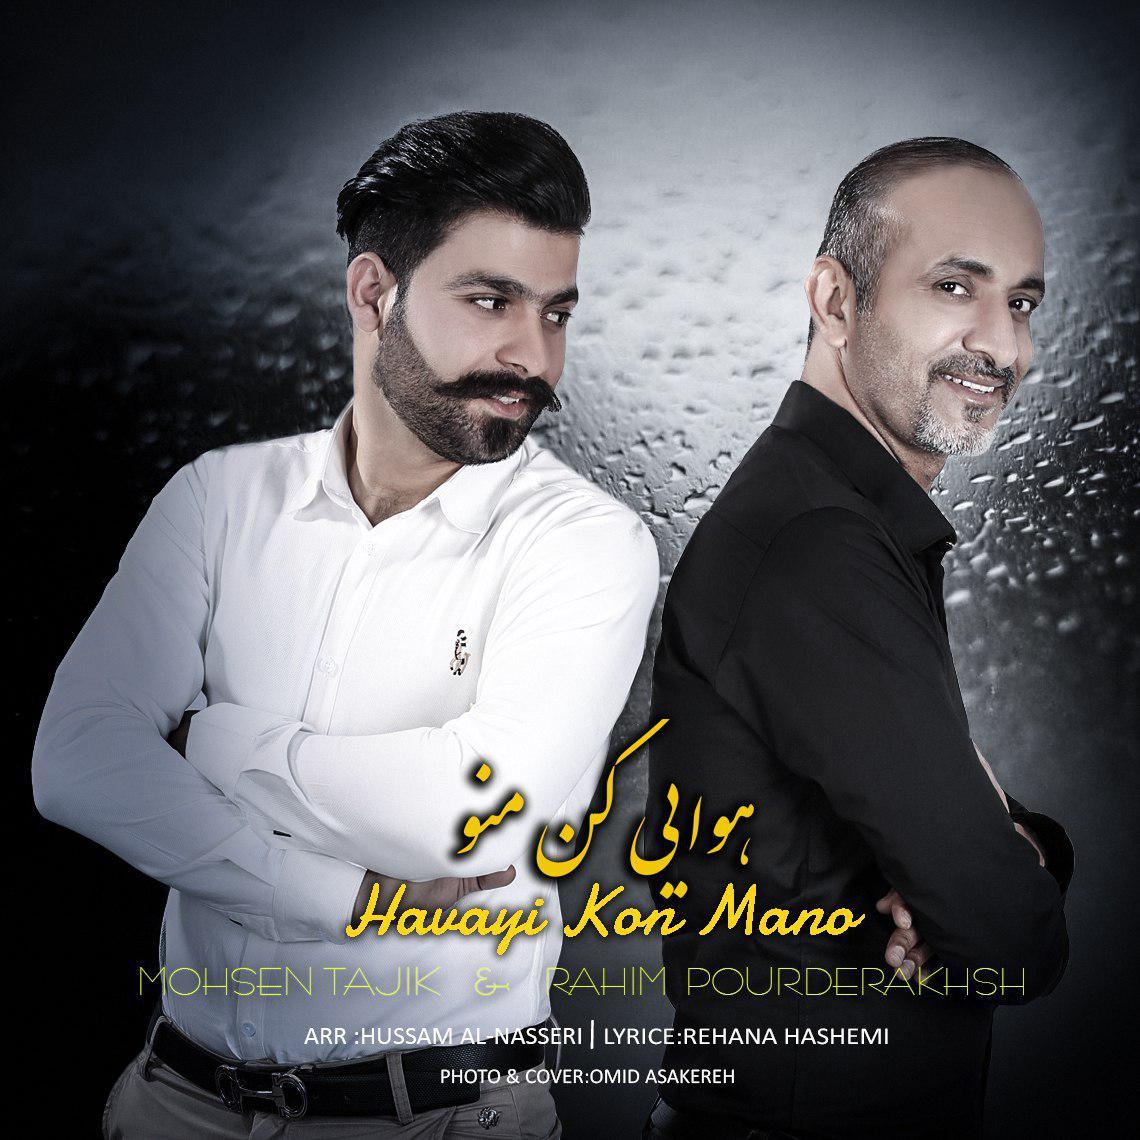 دانلود آهنگ جدیدمحسن تاجیک و رحیم پوردرخشبه نامهوایی کن منو